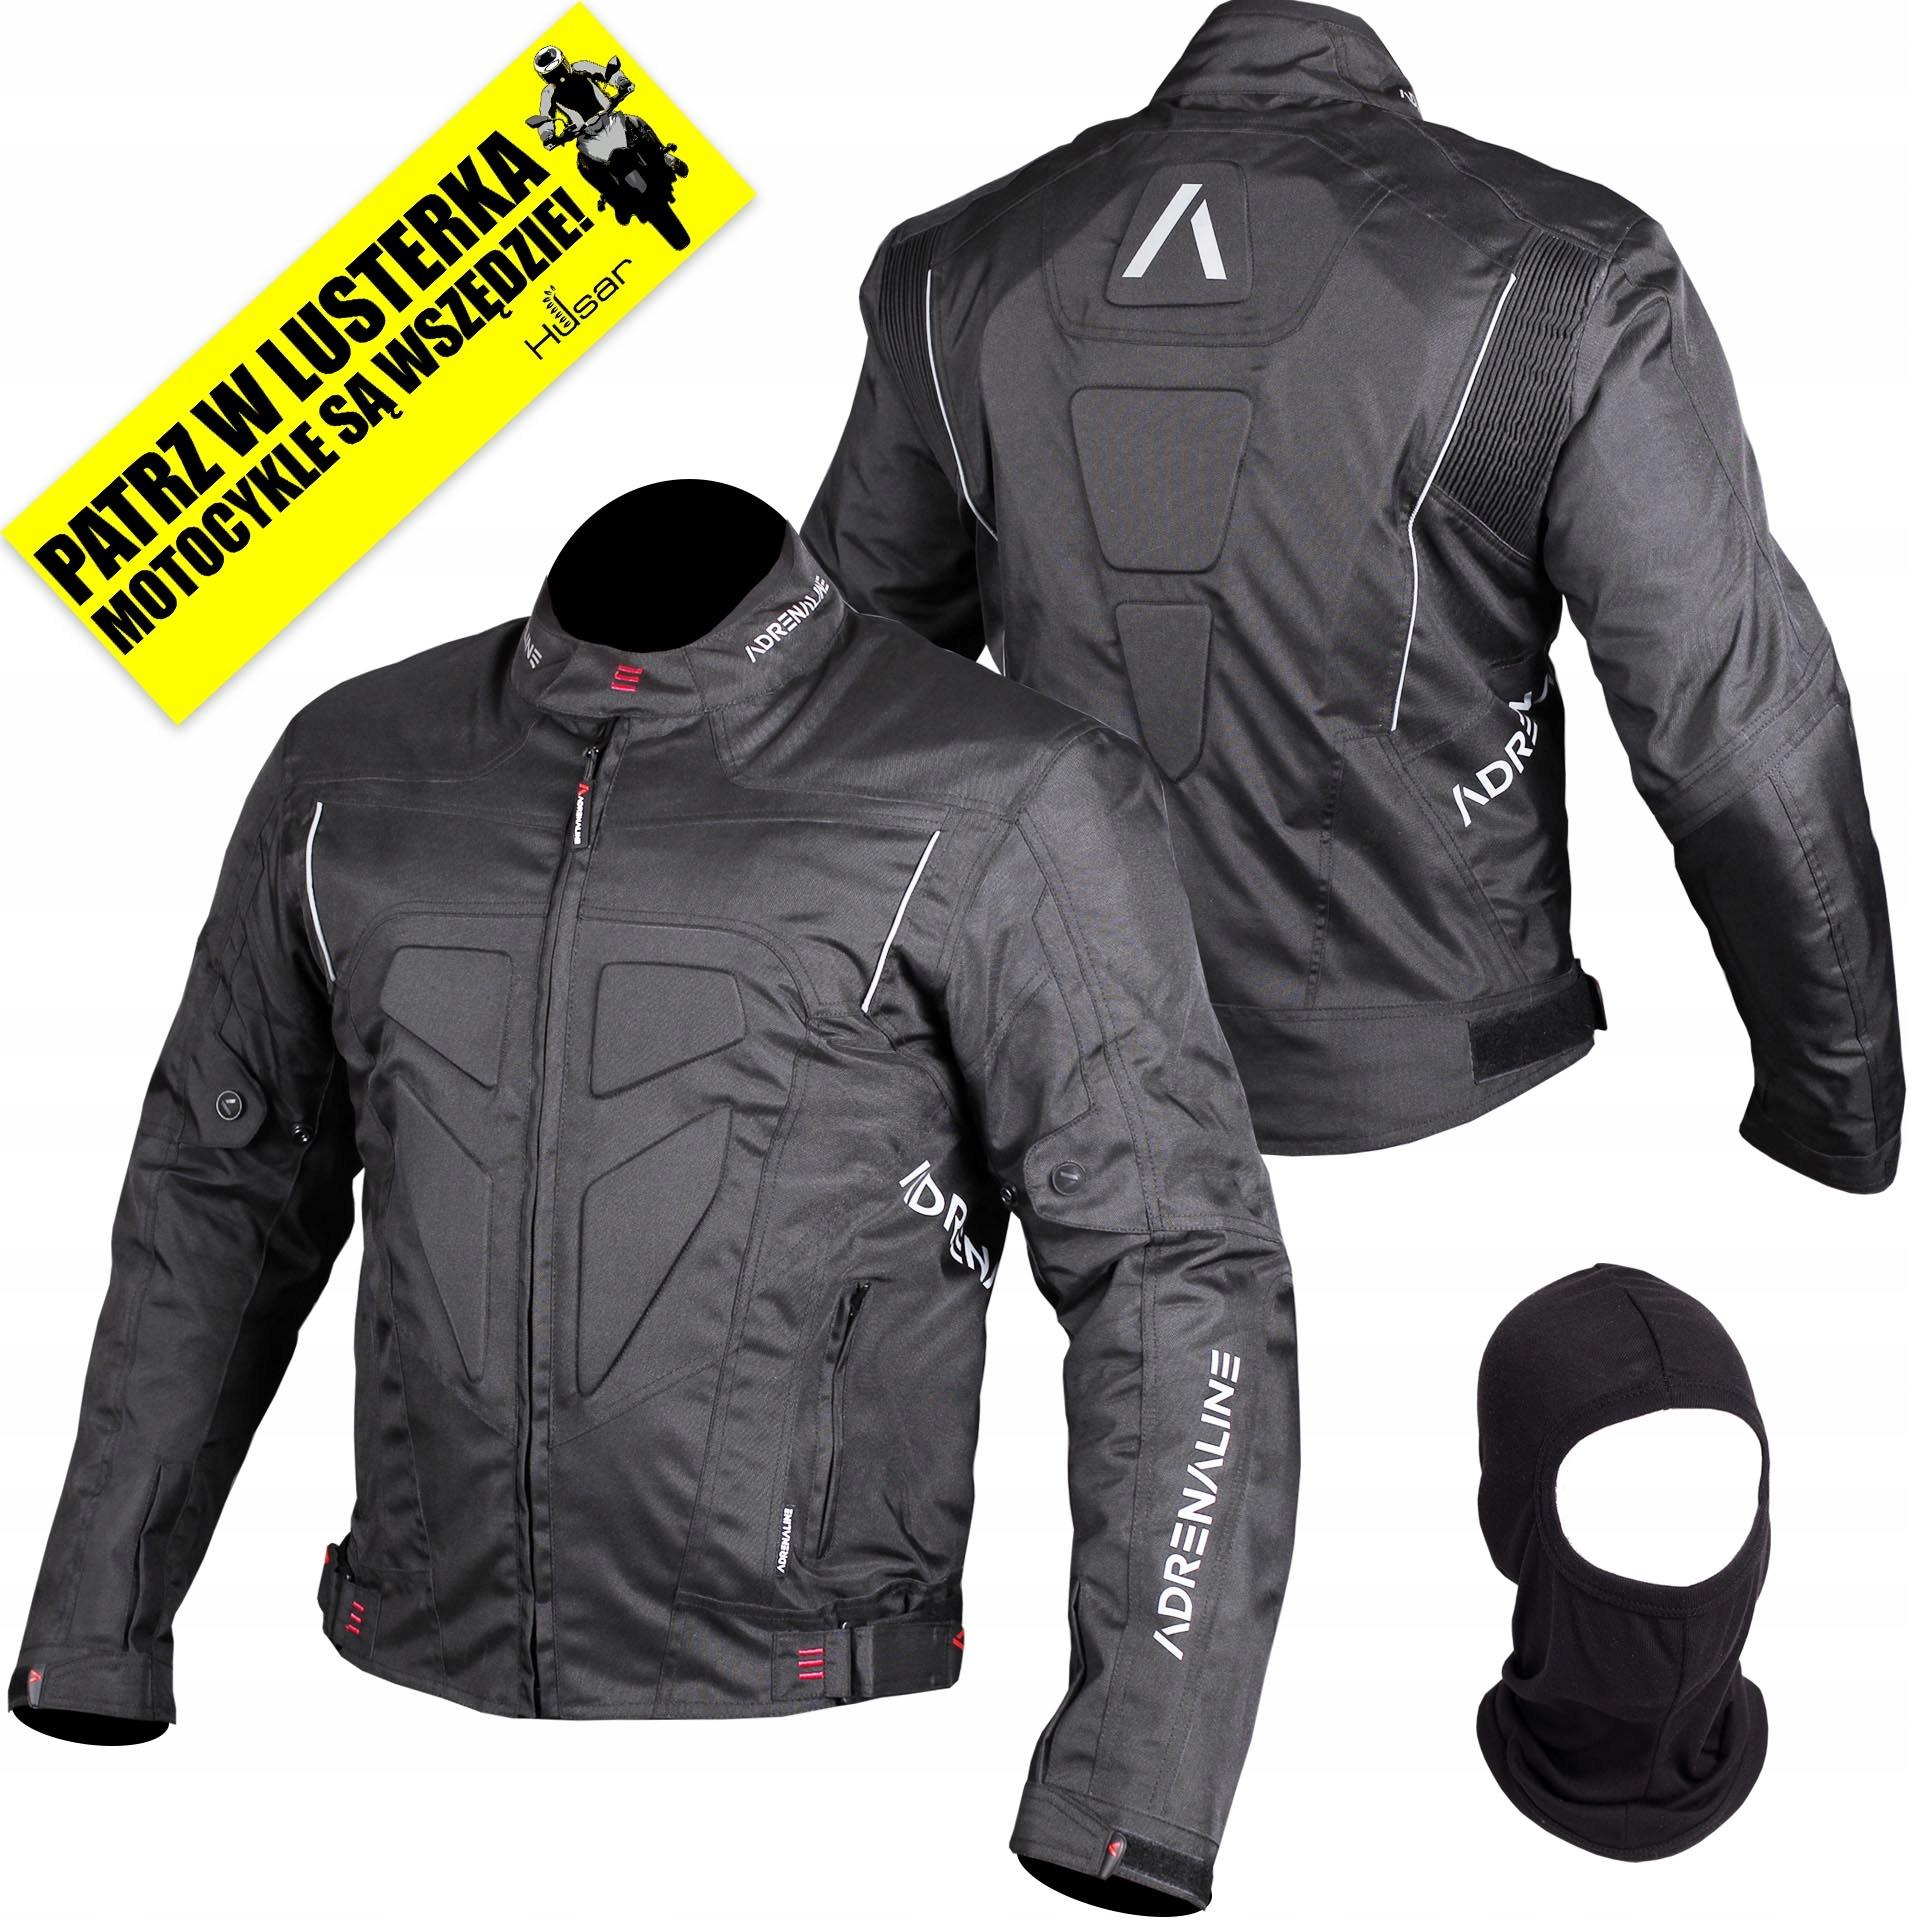 Мотоциклетная куртка ADRENALINE HERCULES черная